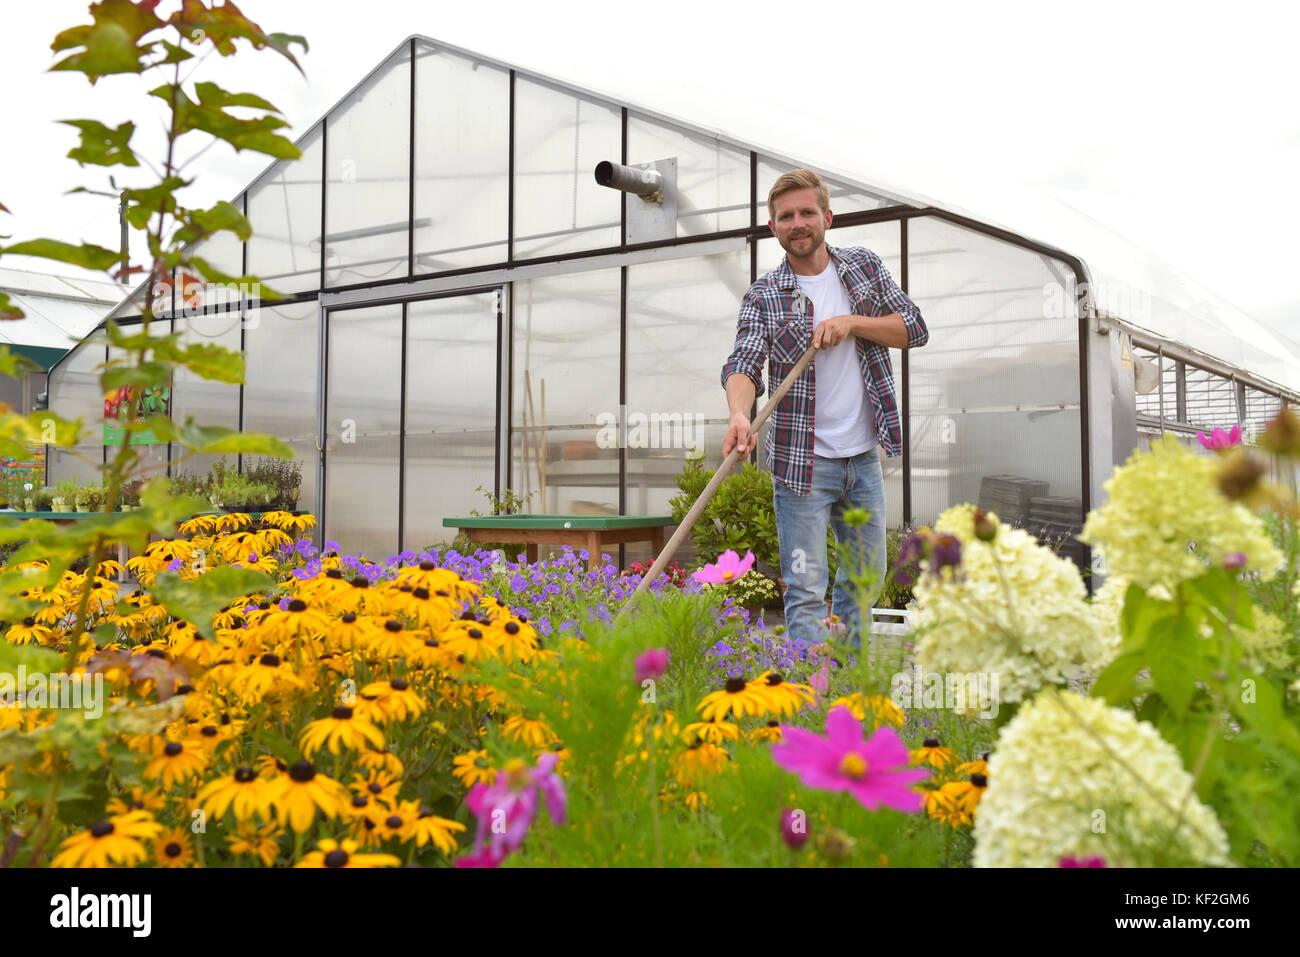 Retrato de contenido jardinero trabajar delante de gases Imagen De Stock